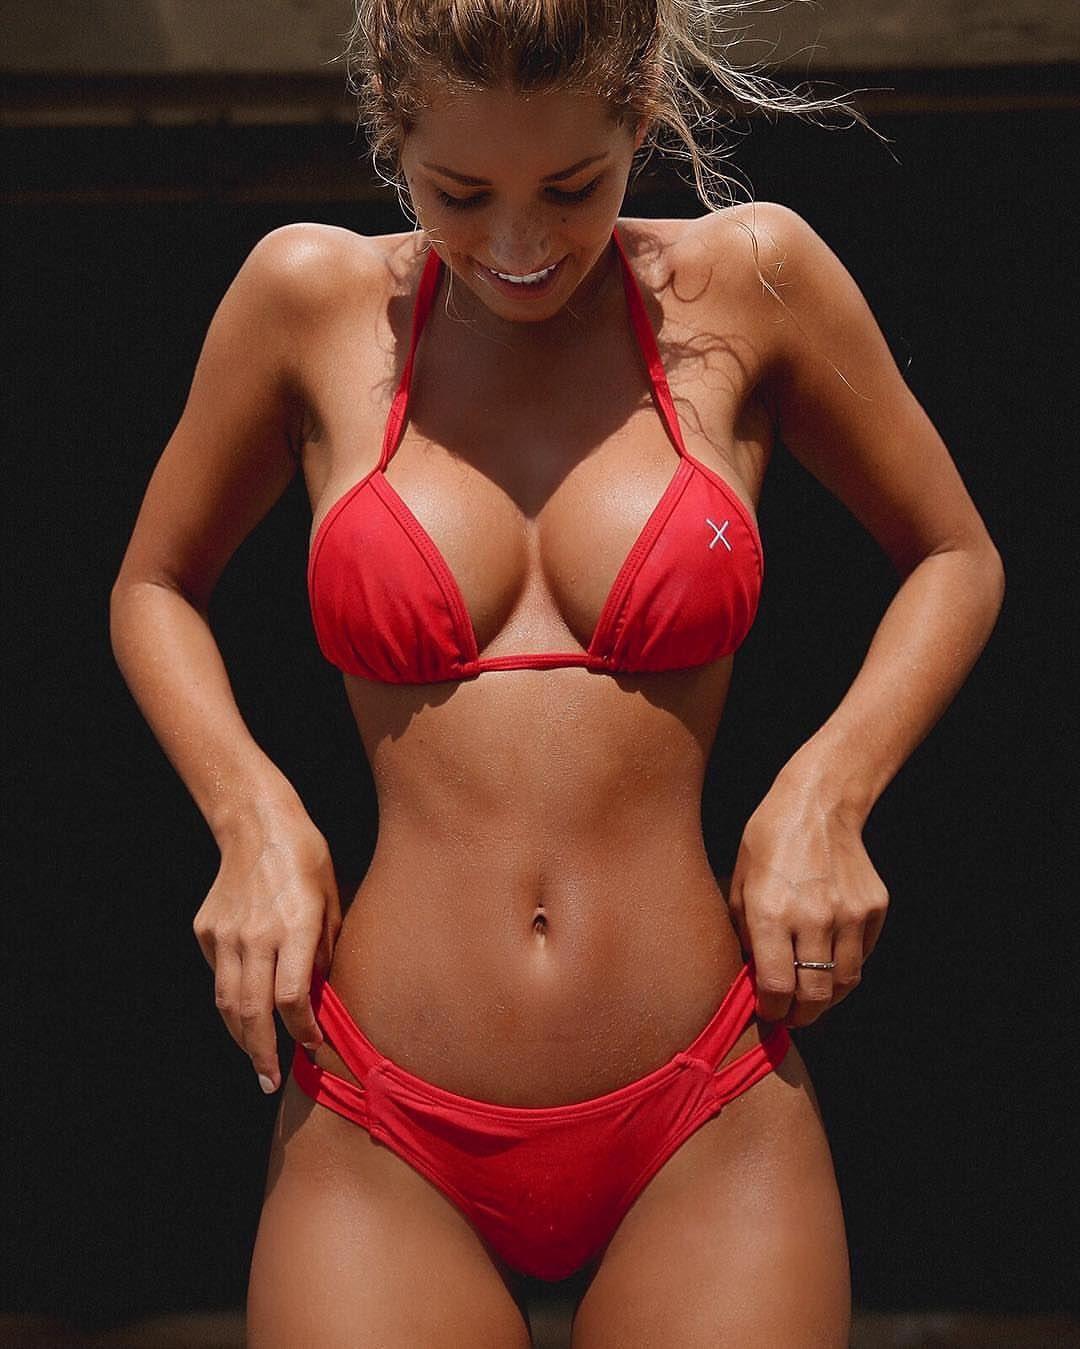 Small boobs bikini curvy